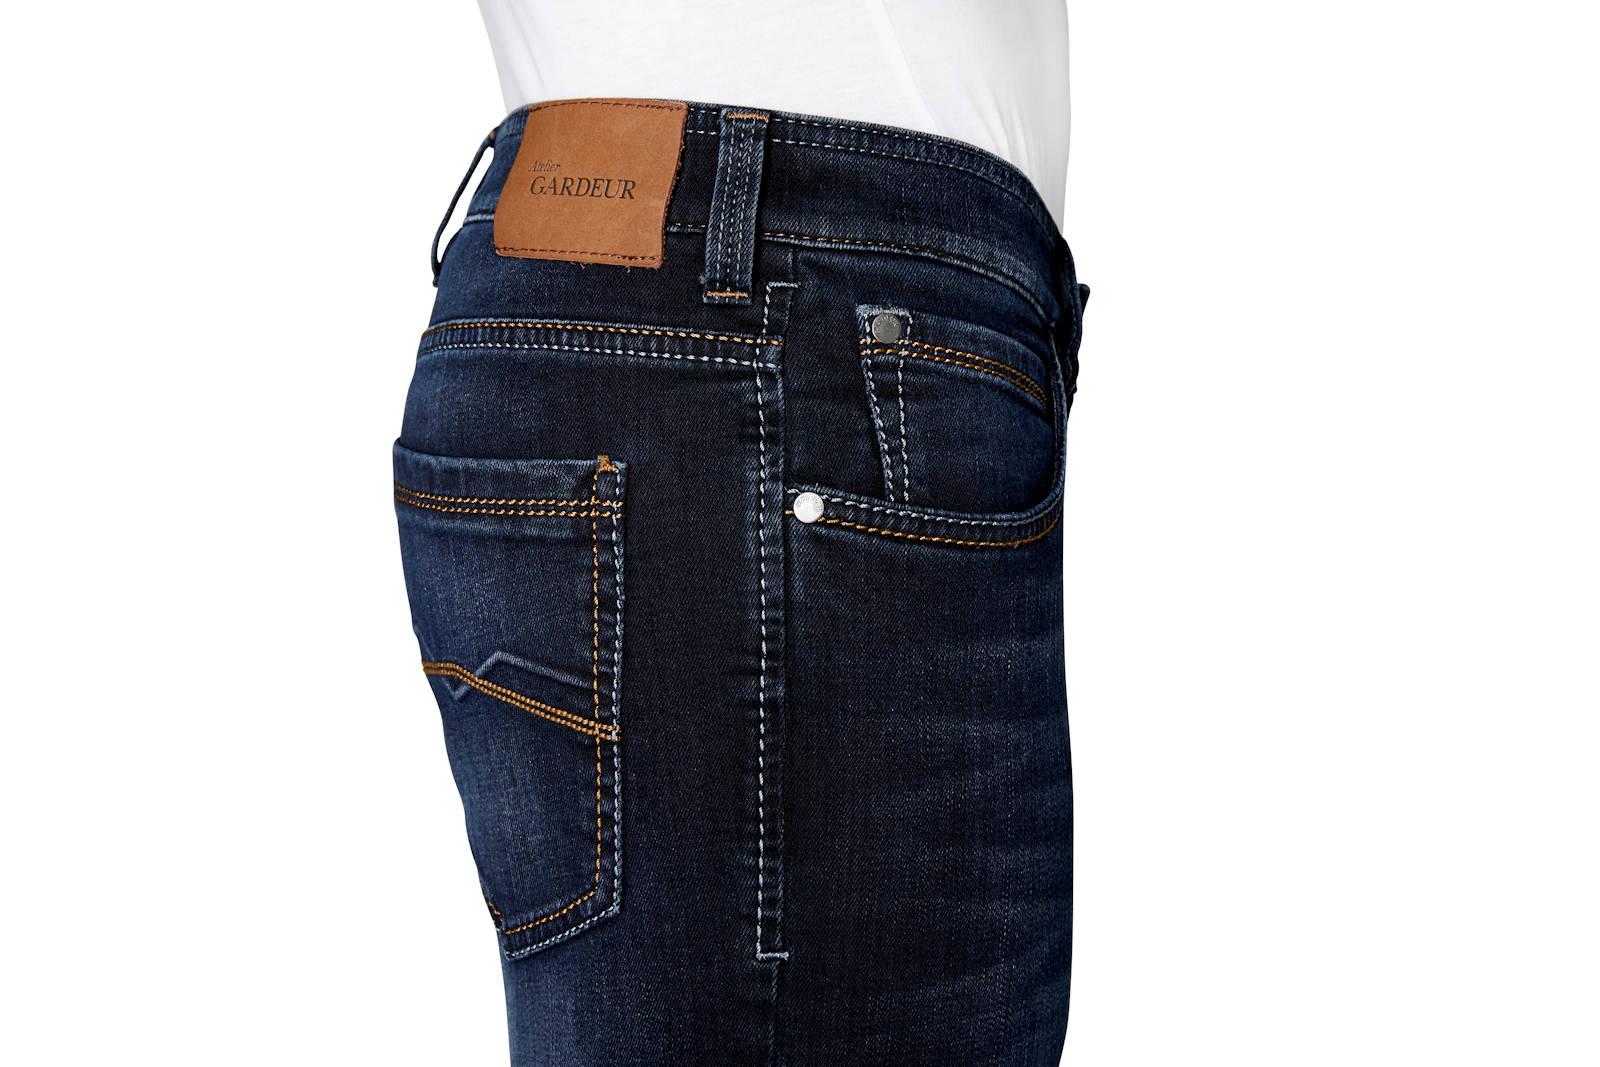 Atelier-GARDEUR-Jeans-BATU-2-Modern-Fit-Herren-Hose-Slim-Leg-Denim-NEU Indexbild 5